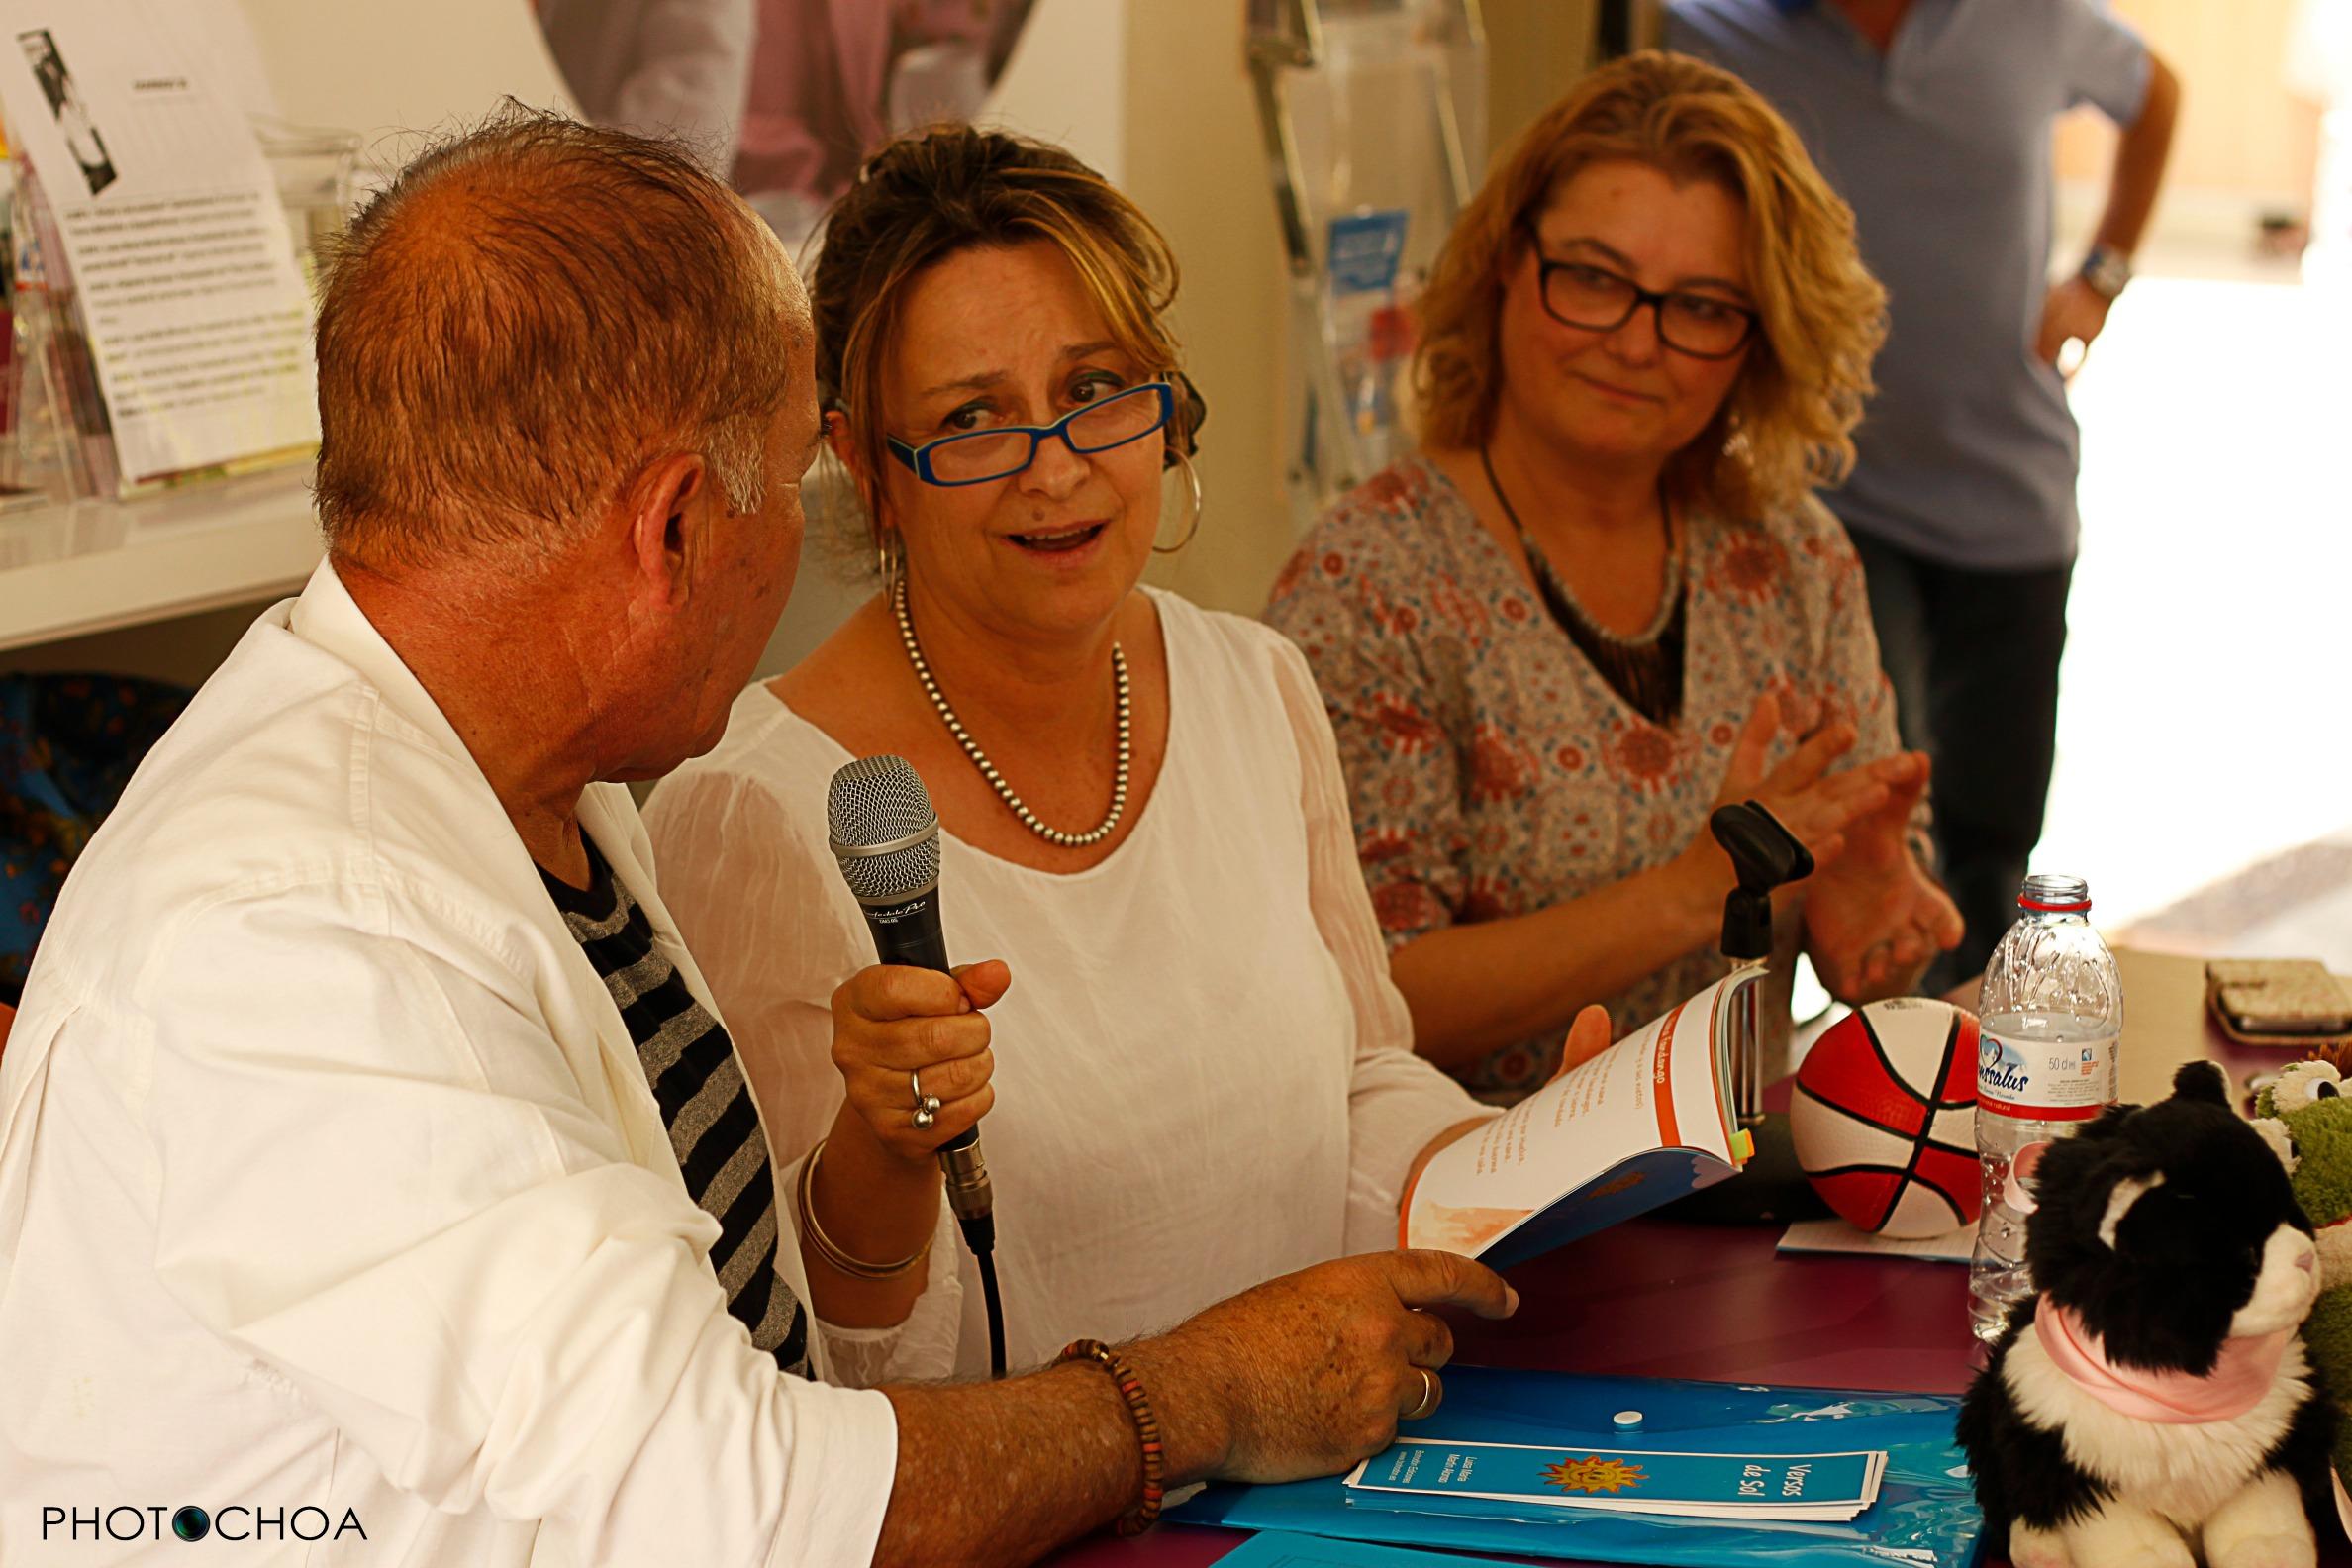 Luisa María junto a Augusto Tasio en la presentación de Versos de Sol en la Feria del Libro de Sevilla (10/05/15)